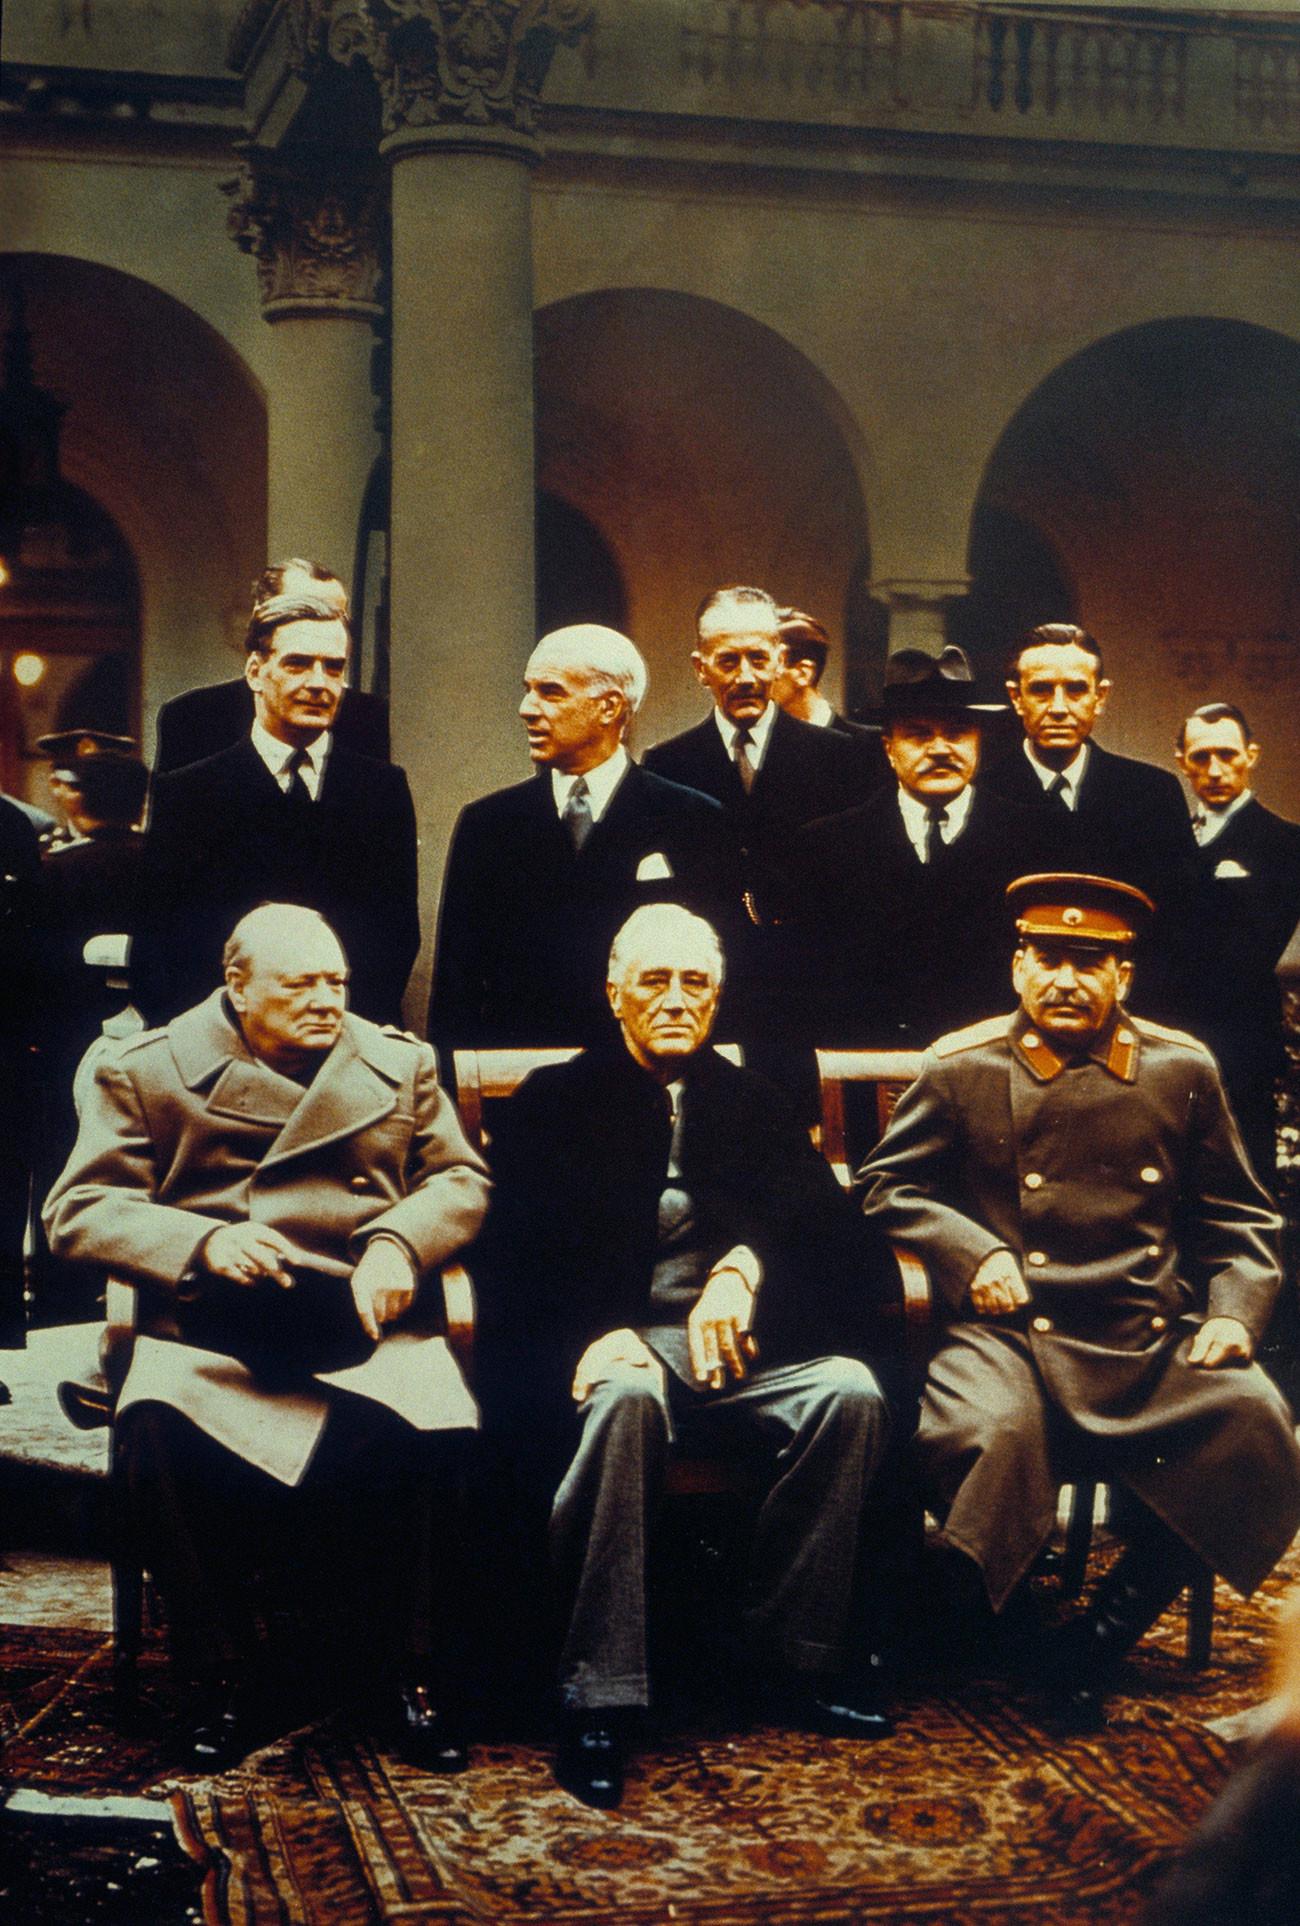 Selama konferensi Yalta, Presiden AS Franklin D. Roosevelt dan delegasinya mendapat 43 kamar di istana ini.